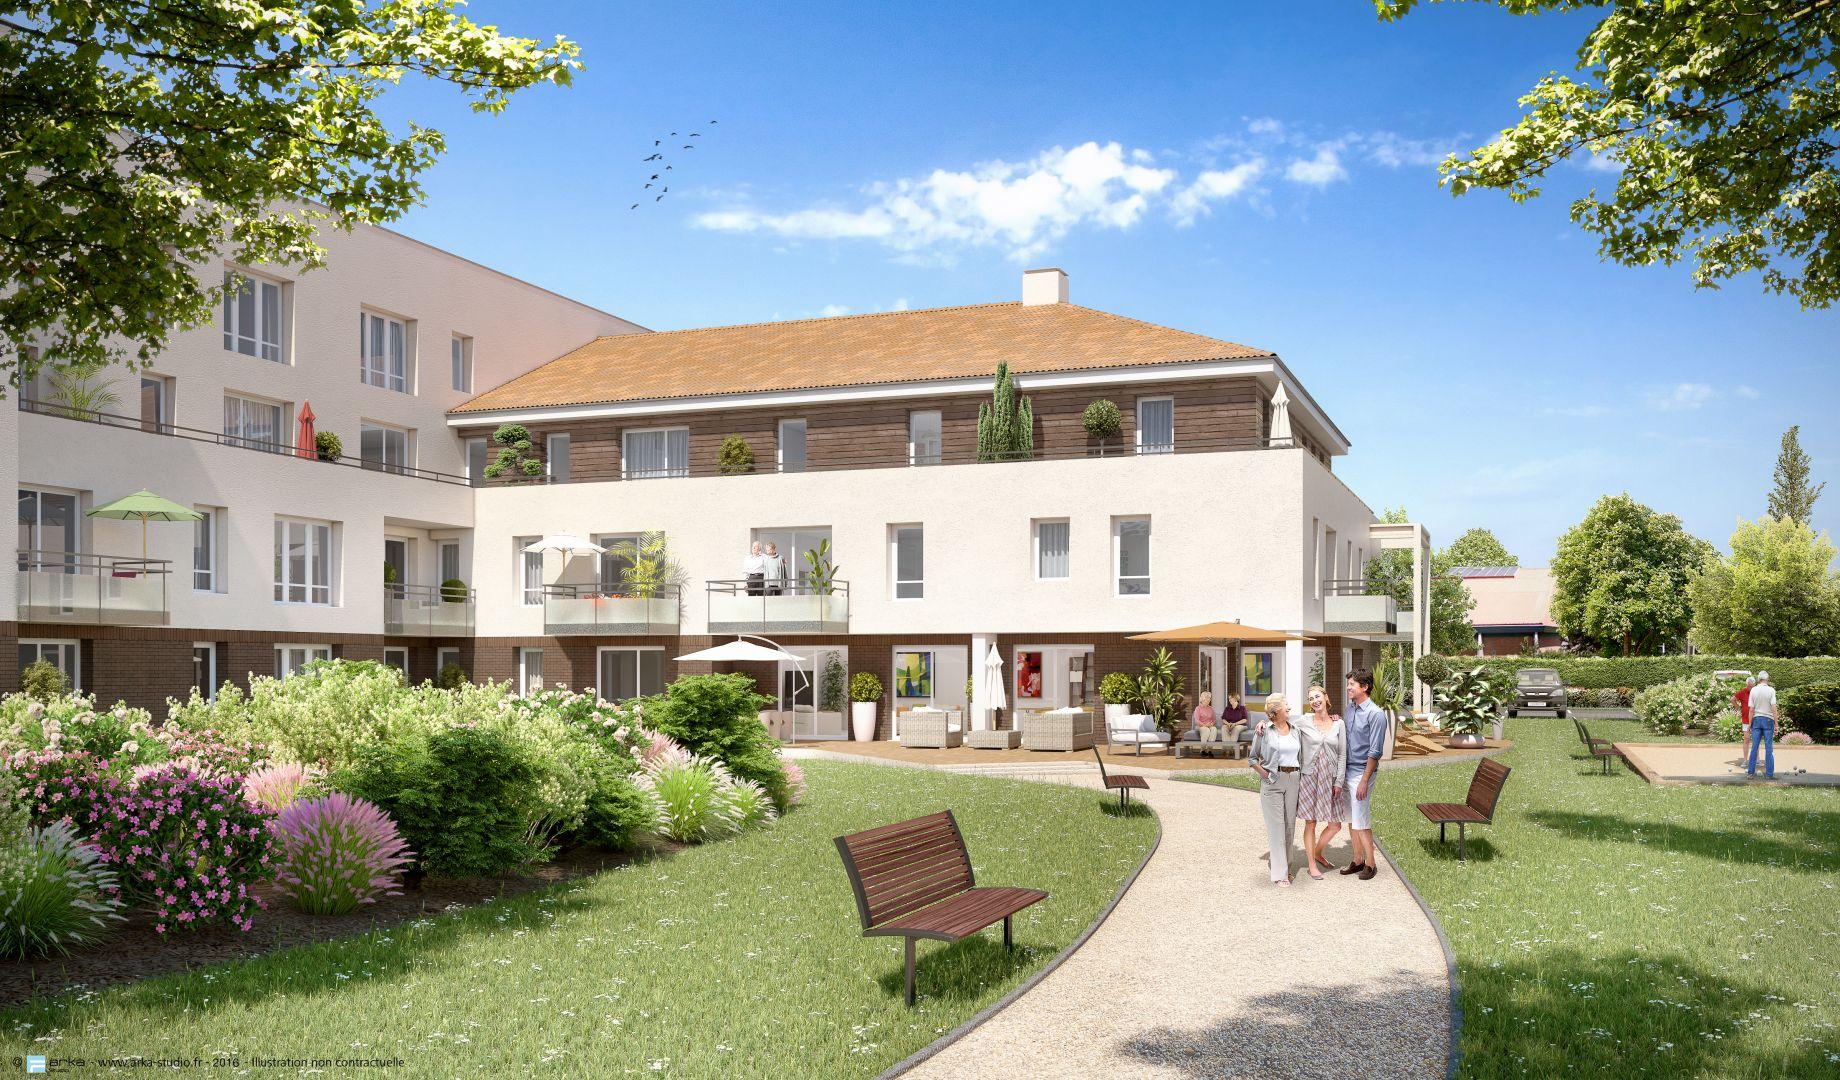 le jardin d 39 loa villeneuve d 39 ascq appartements en vente groupe sofim. Black Bedroom Furniture Sets. Home Design Ideas